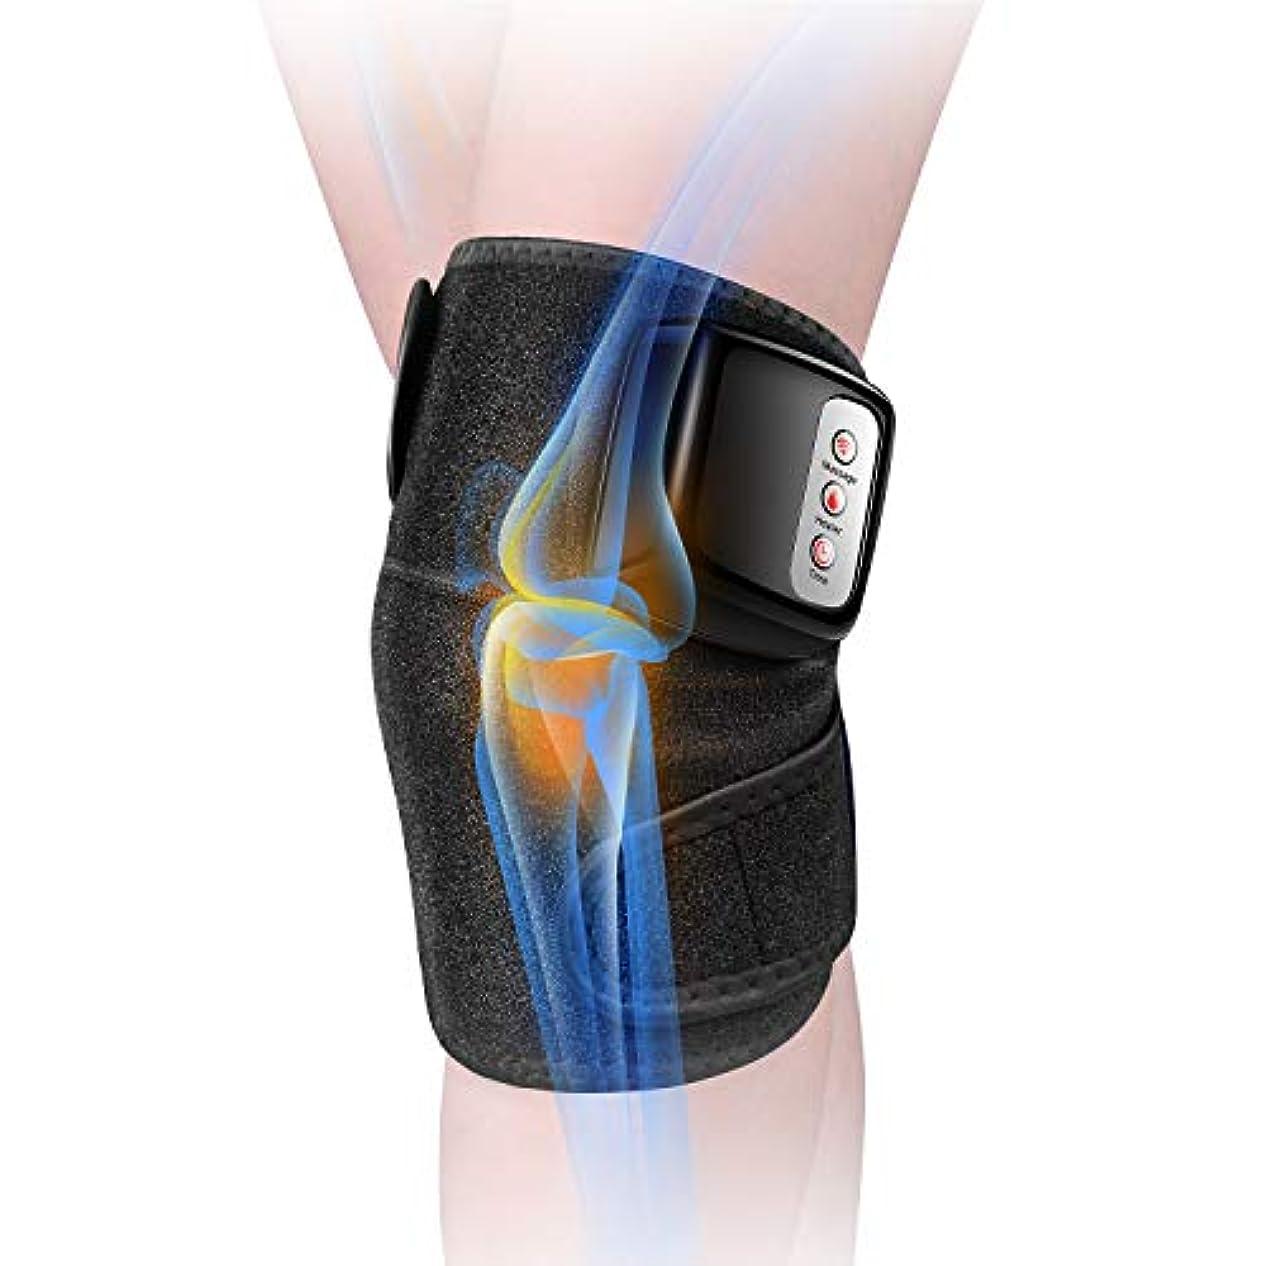 ぼんやりしたそんなにホバー膝マッサージャー 関節マッサージャー マッサージ器 フットマッサージャー 振動 赤外線療法 温熱療法 膝サポーター ストレス解消 肩 太もも/腕対応